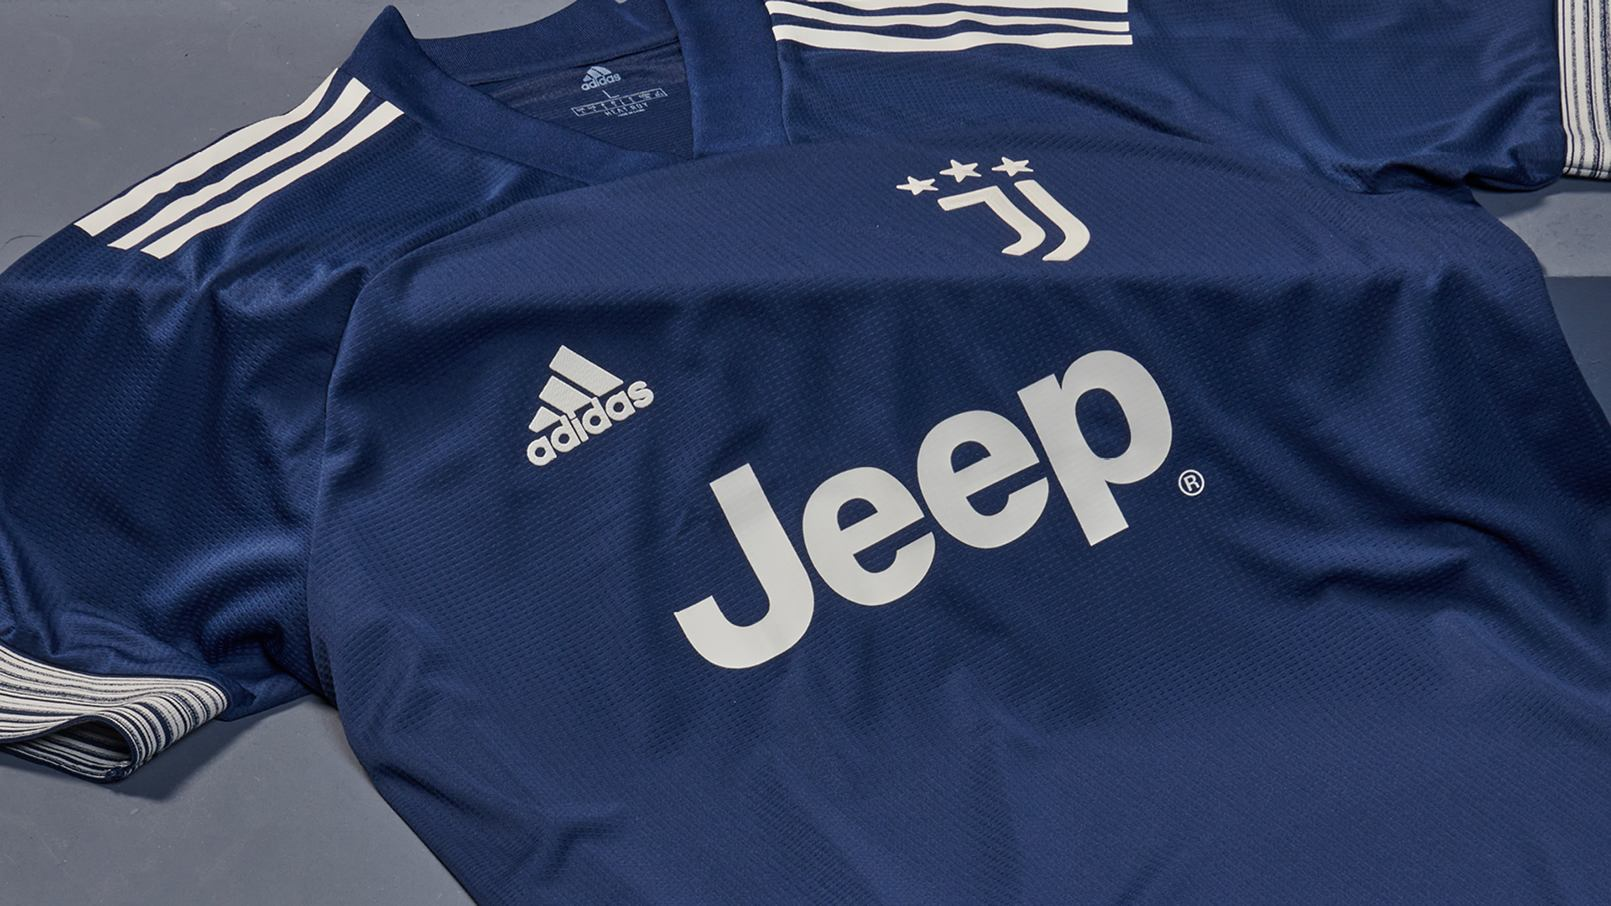 Maillot substitut Juventus 2020/2021 | Image adidas